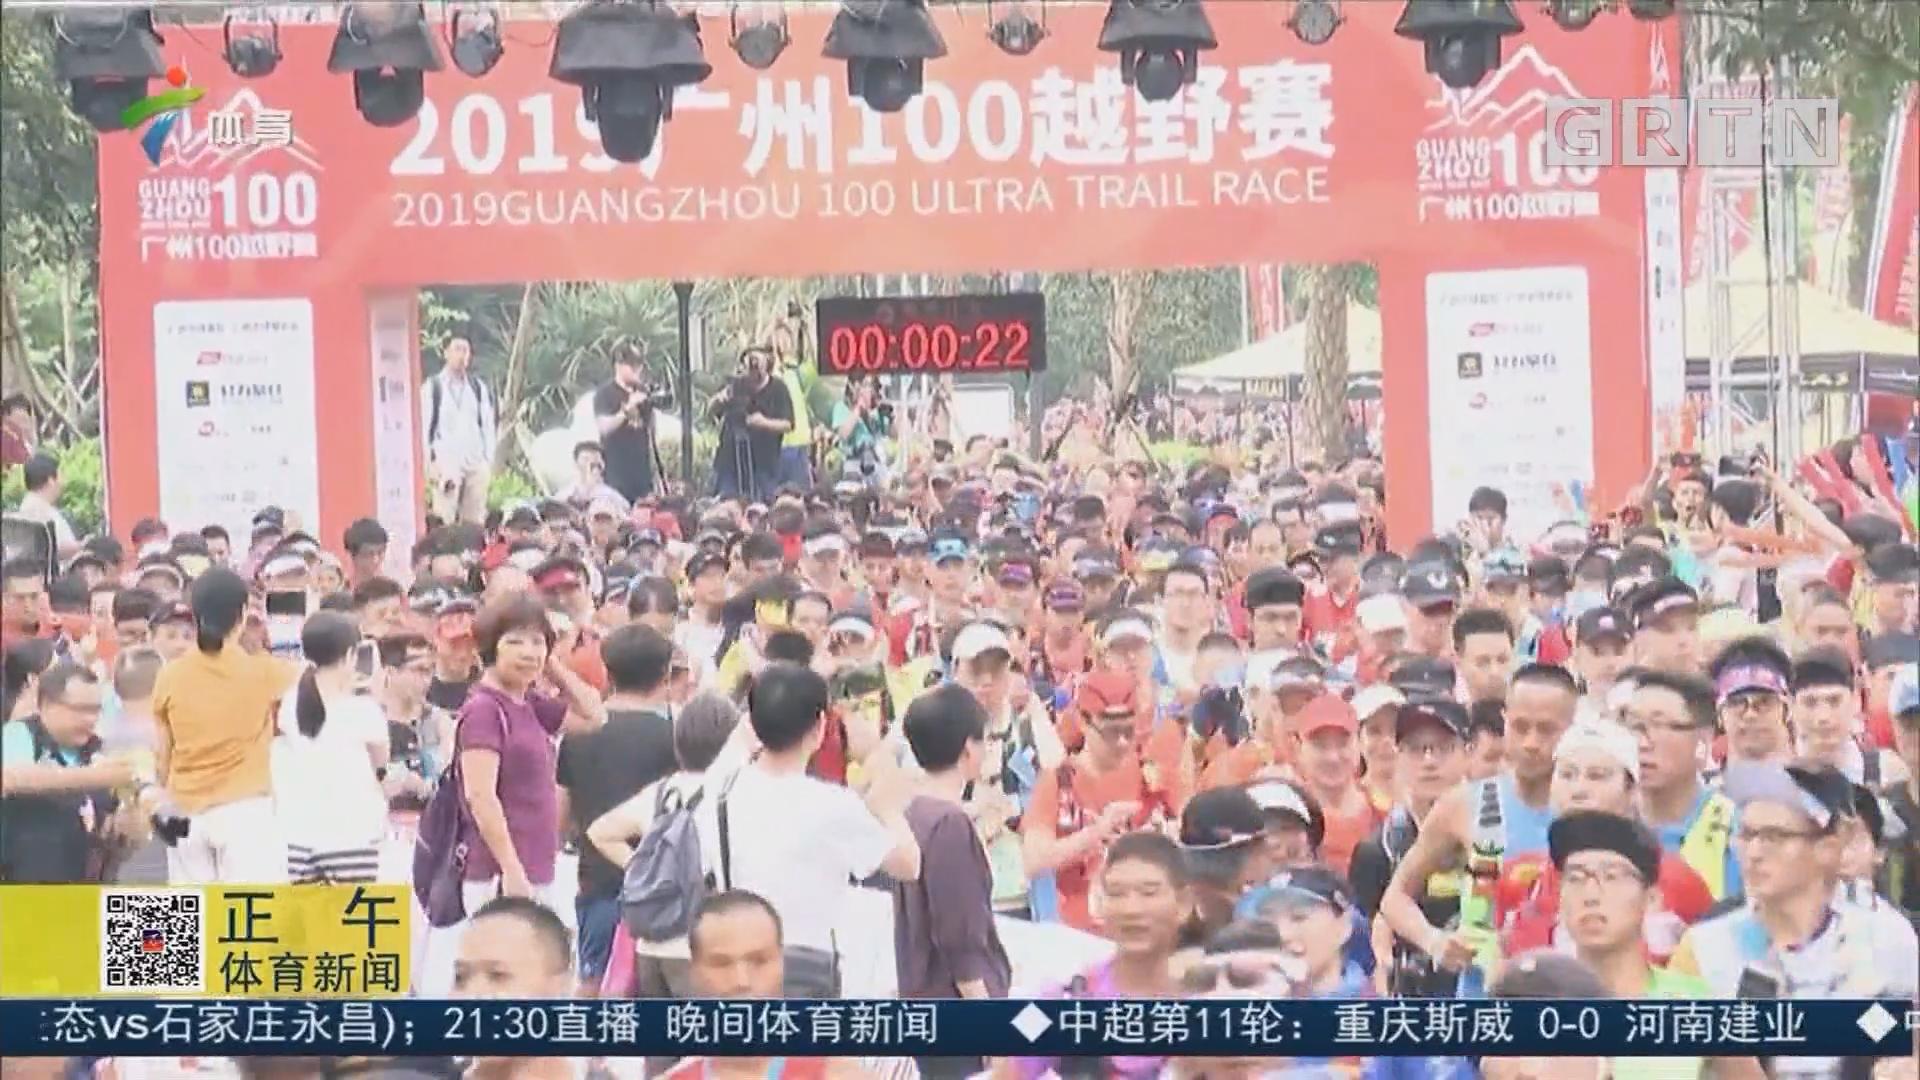 广州100越野赛今日开跑